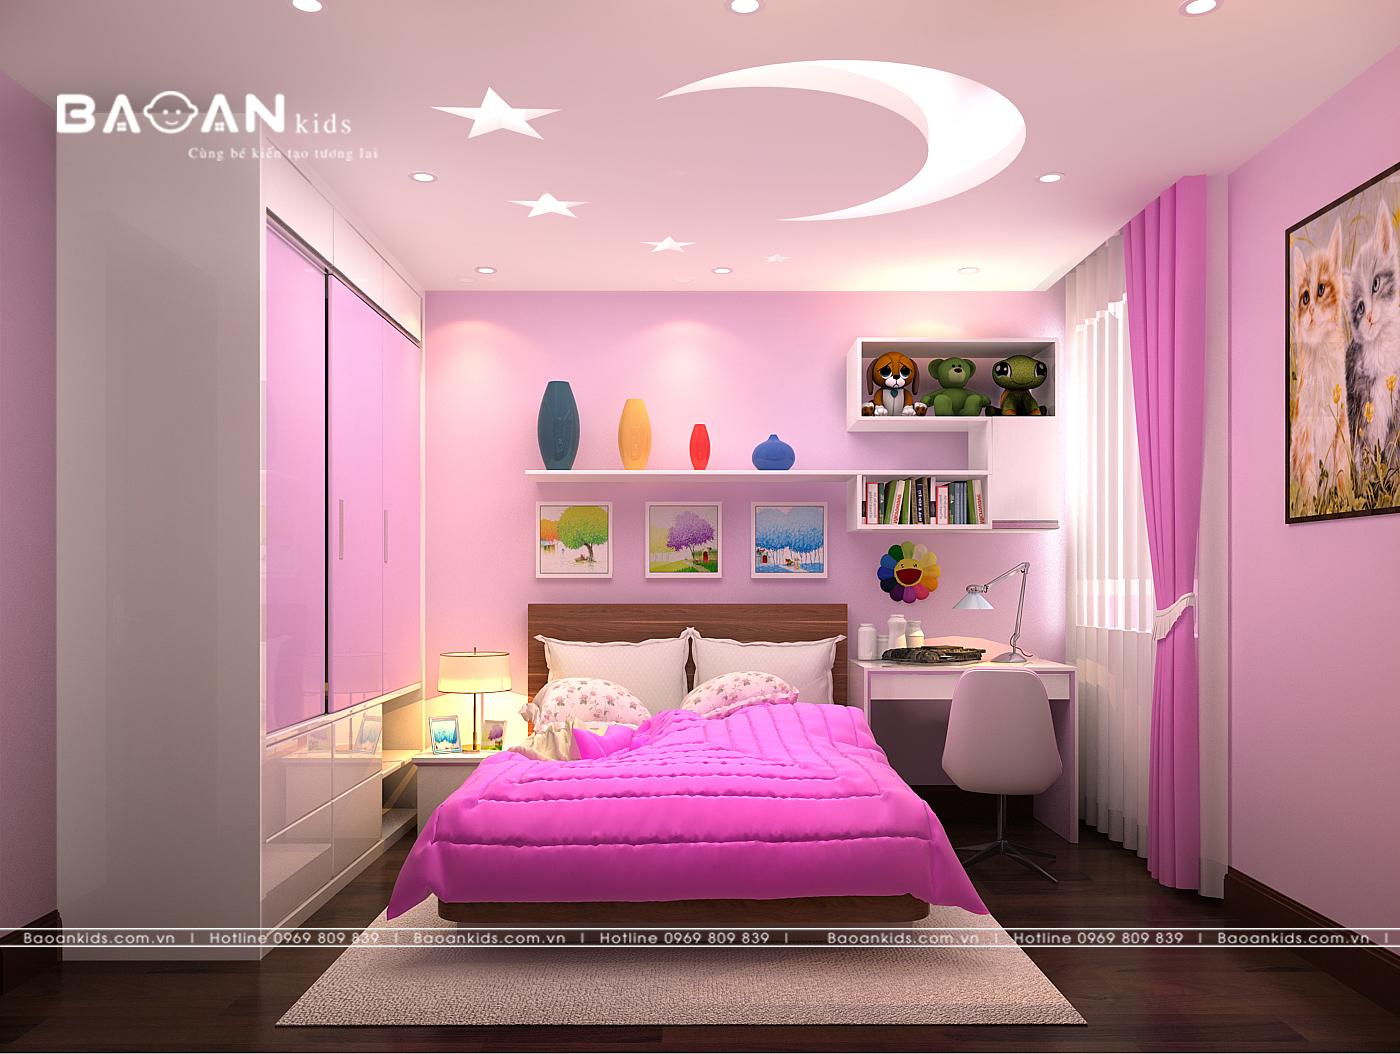 [HOT] ++ Mẫu phòng ngủ trẻ em màu hồng dành cho con gái bạn không nên bỏ qua.